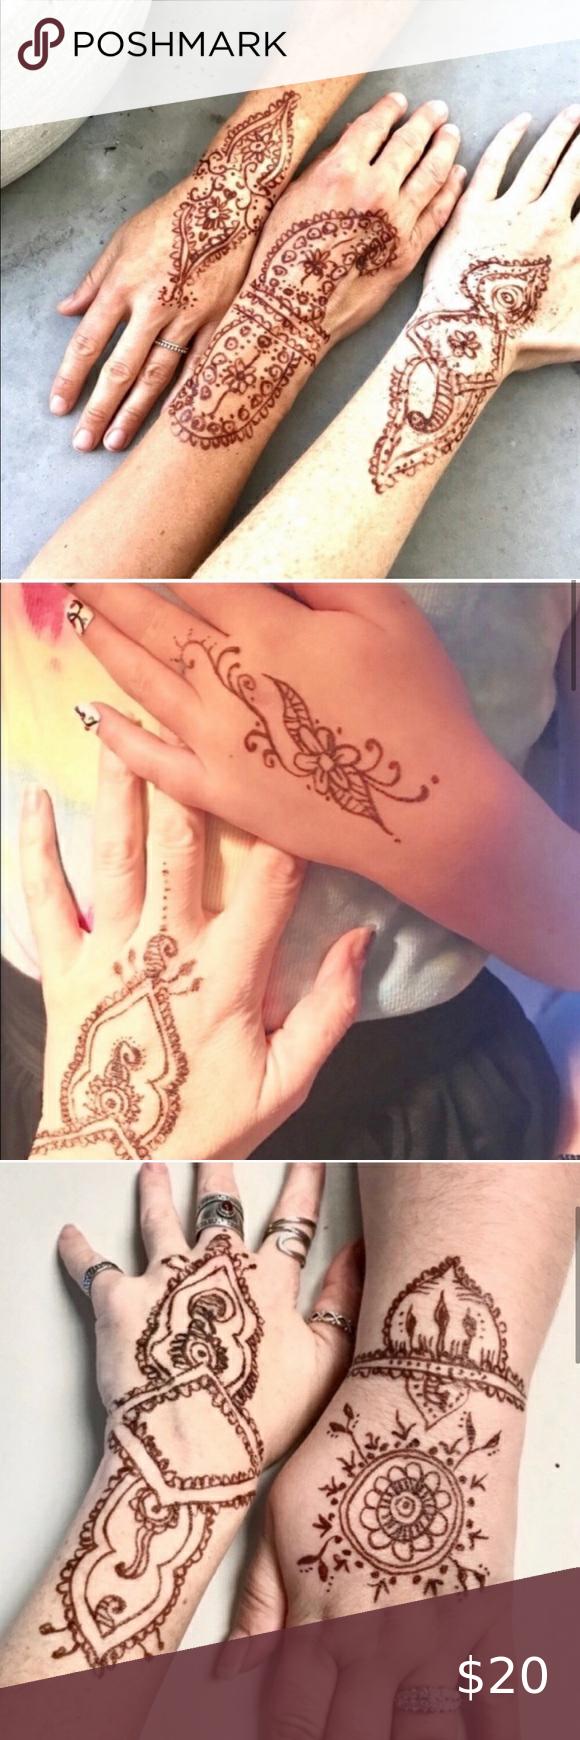 Henna Art Pen Brown Brush Tattoo Body Jewelry Ink Henna Tattoo Kit Brush Tattoo Henna Art Designs